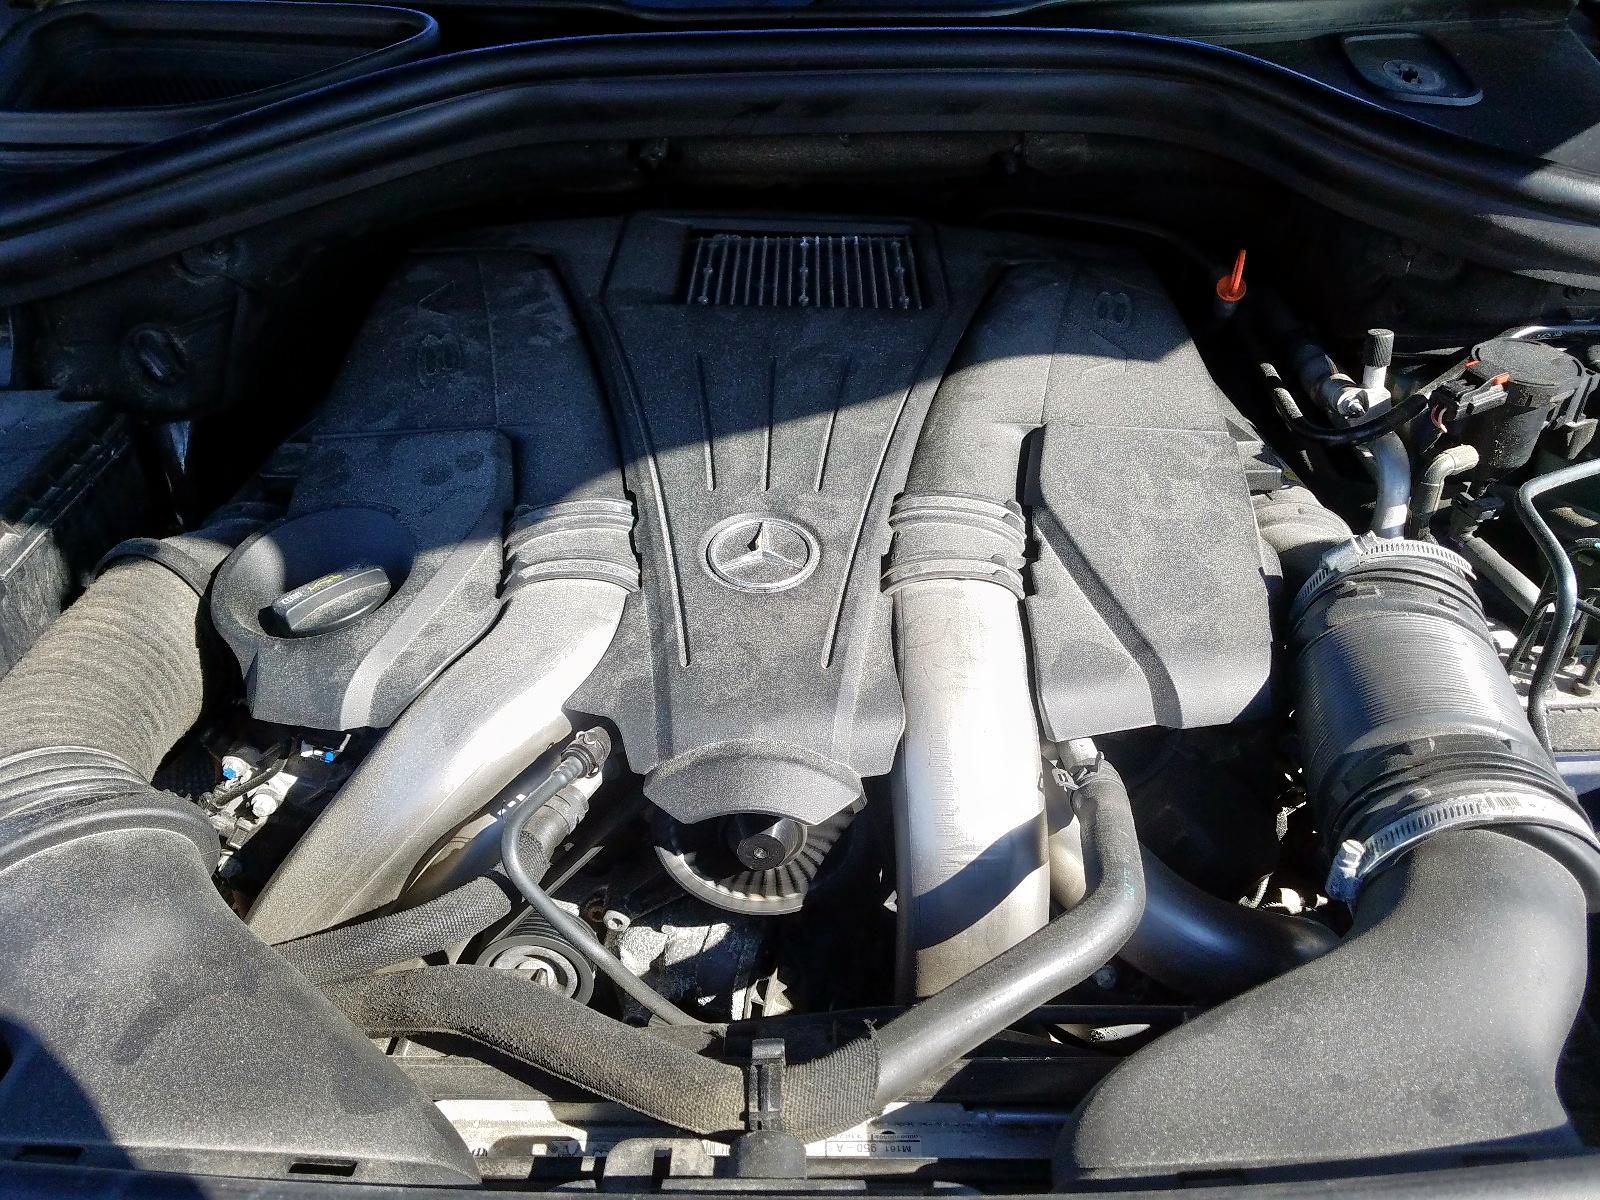 4JGDF7CE4DA186752 - 2013 Mercedes-Benz Gl 450 4Ma 4.6L inside view